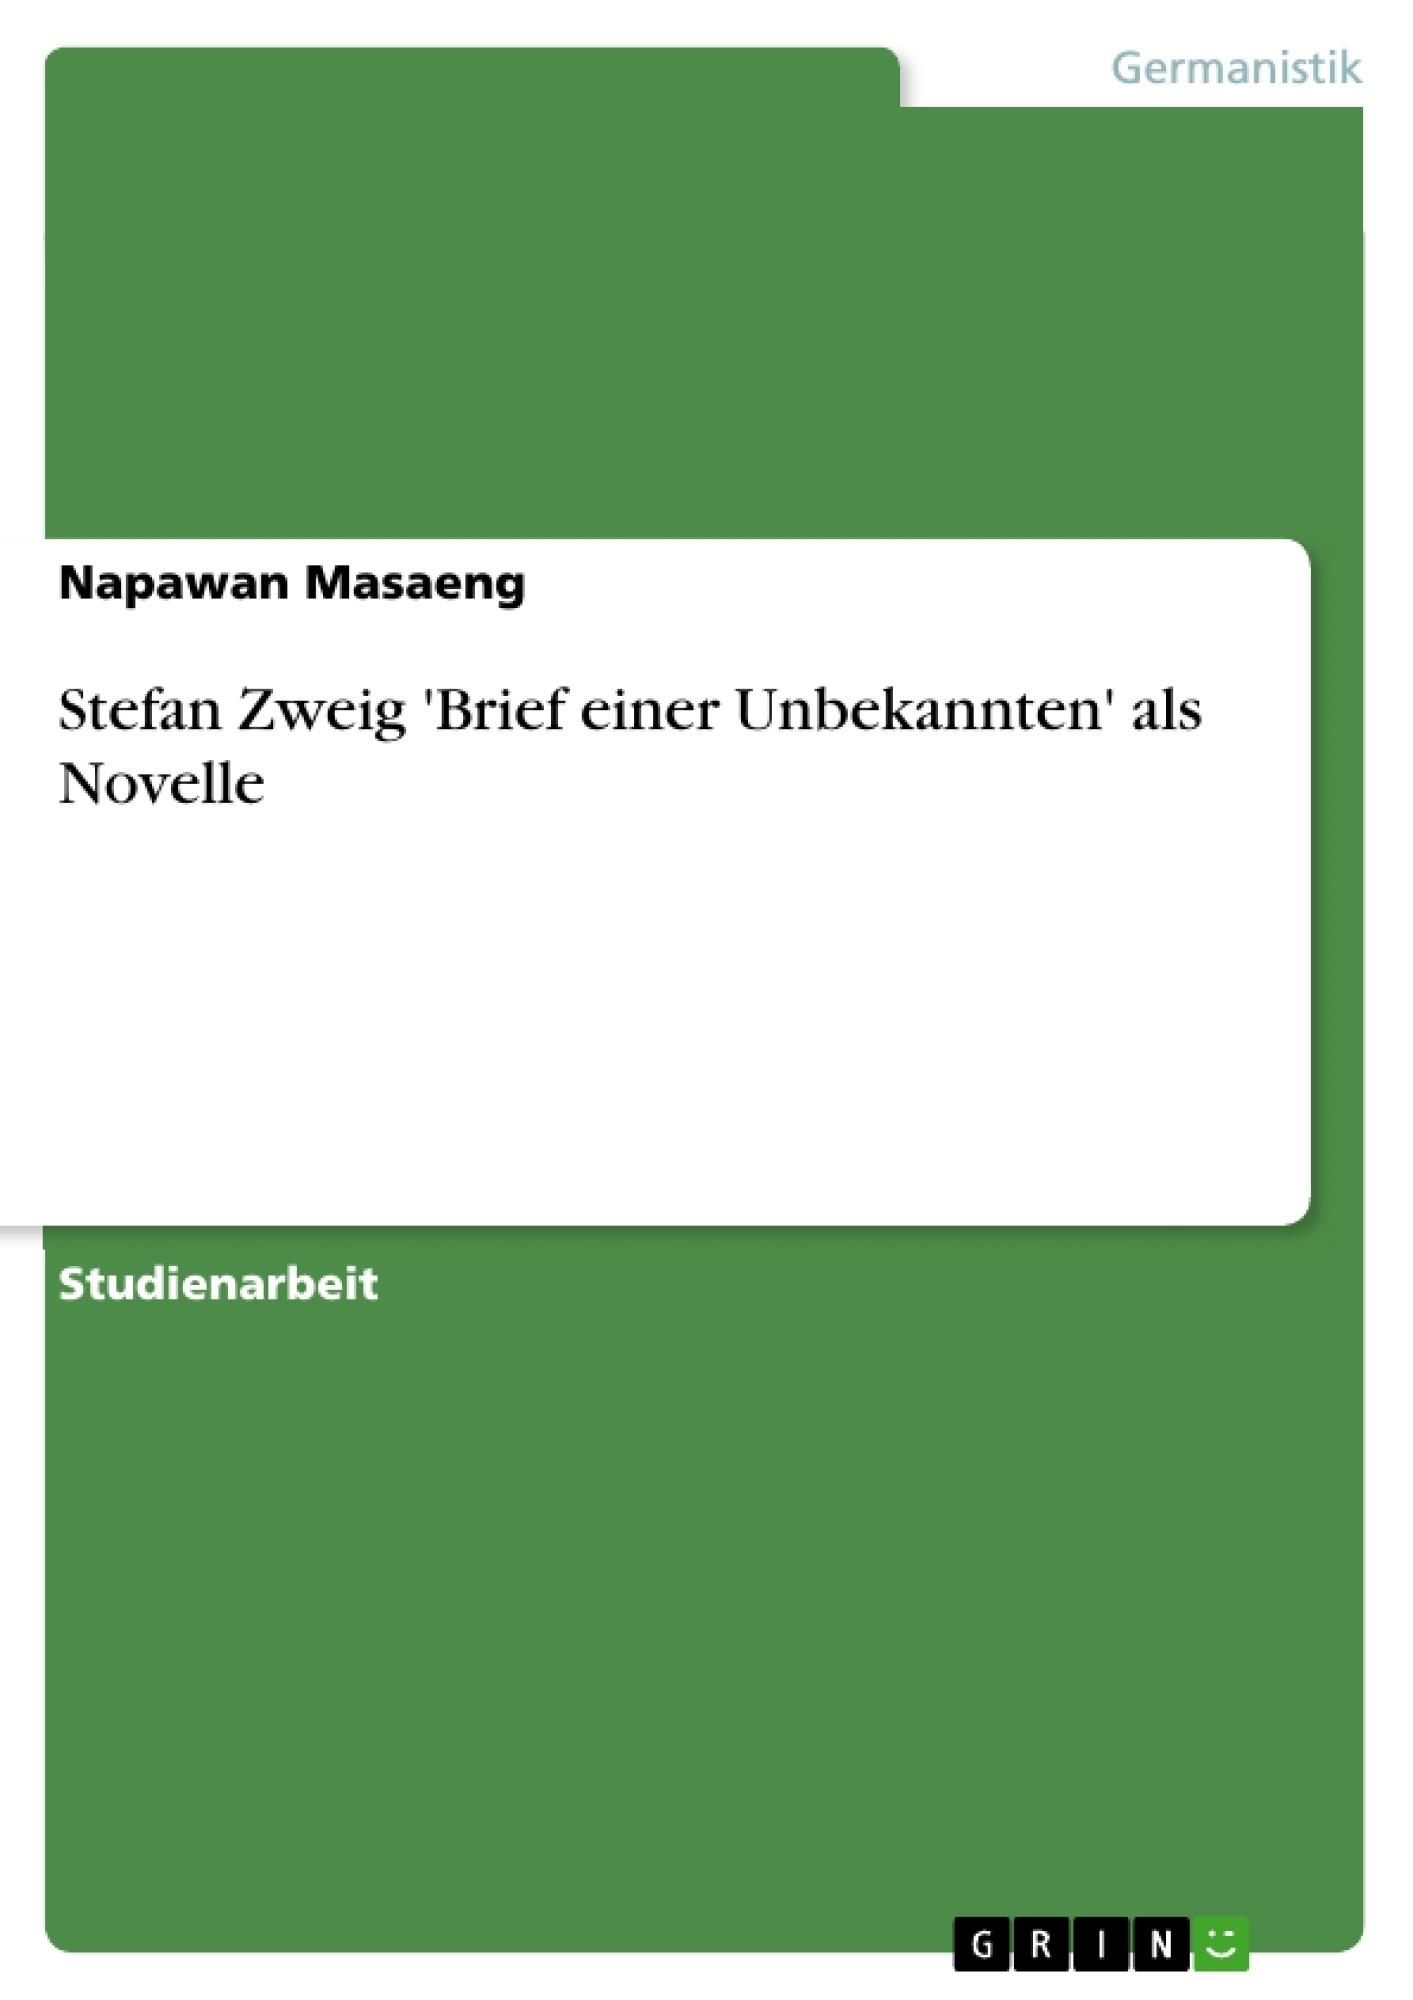 Stefan Zweig \'Brief einer Unbekannten\' als Novelle | Masterarbeit ...